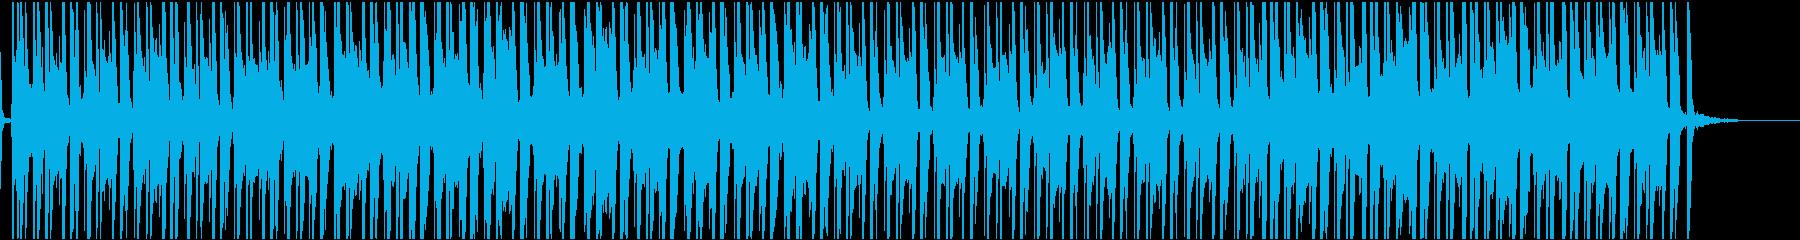 SNS動画にぴったり陽気な生口笛の曲の再生済みの波形